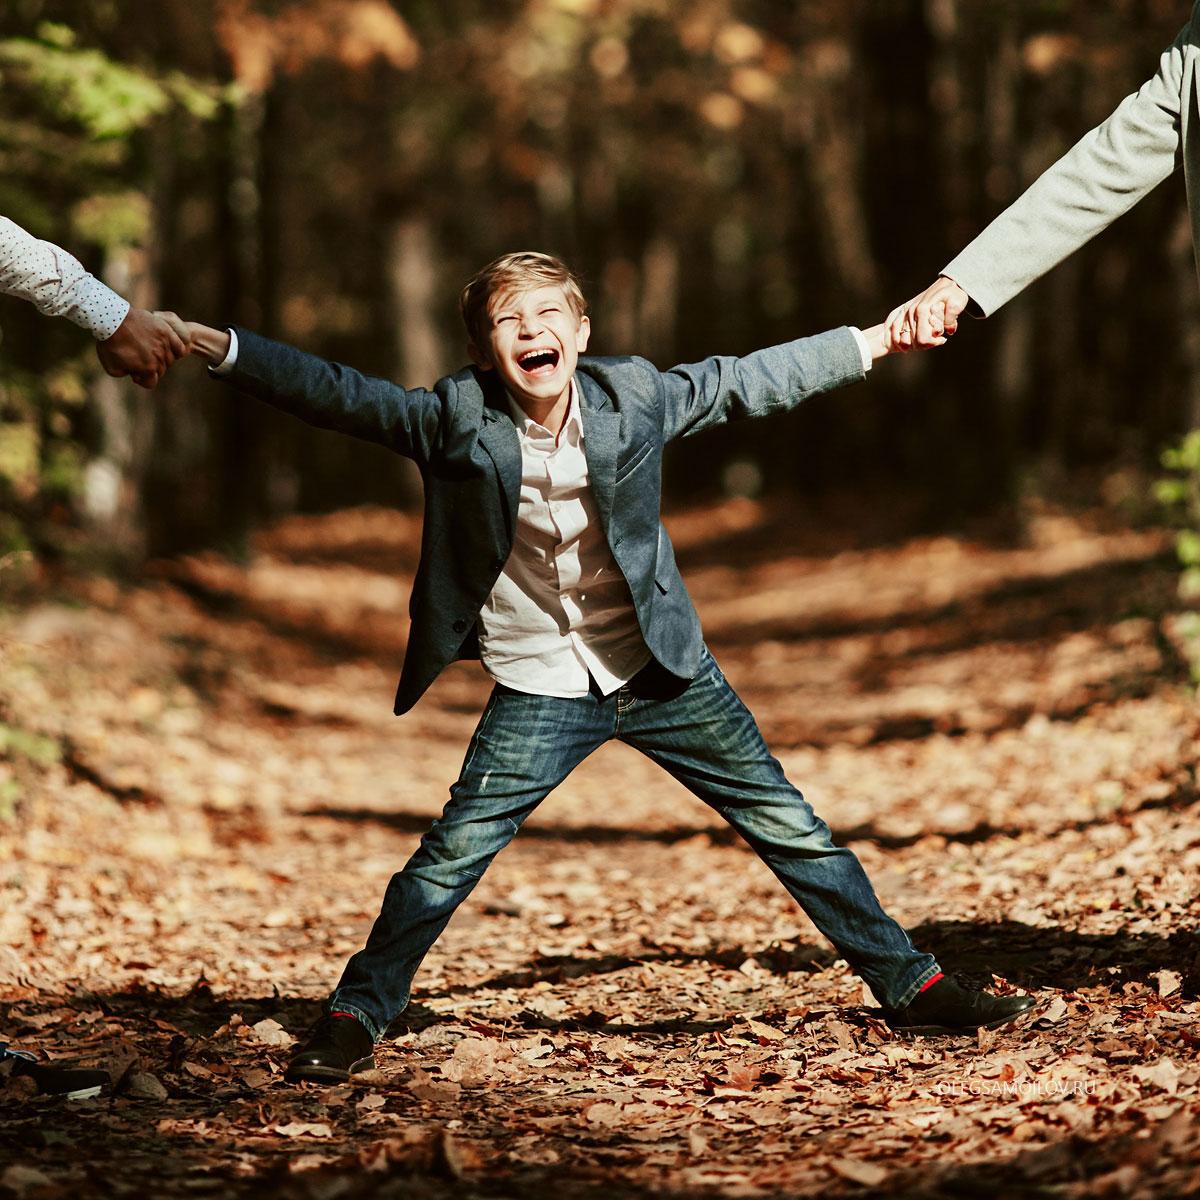 Фотосессия осенью с семьей, что может быть лучше?